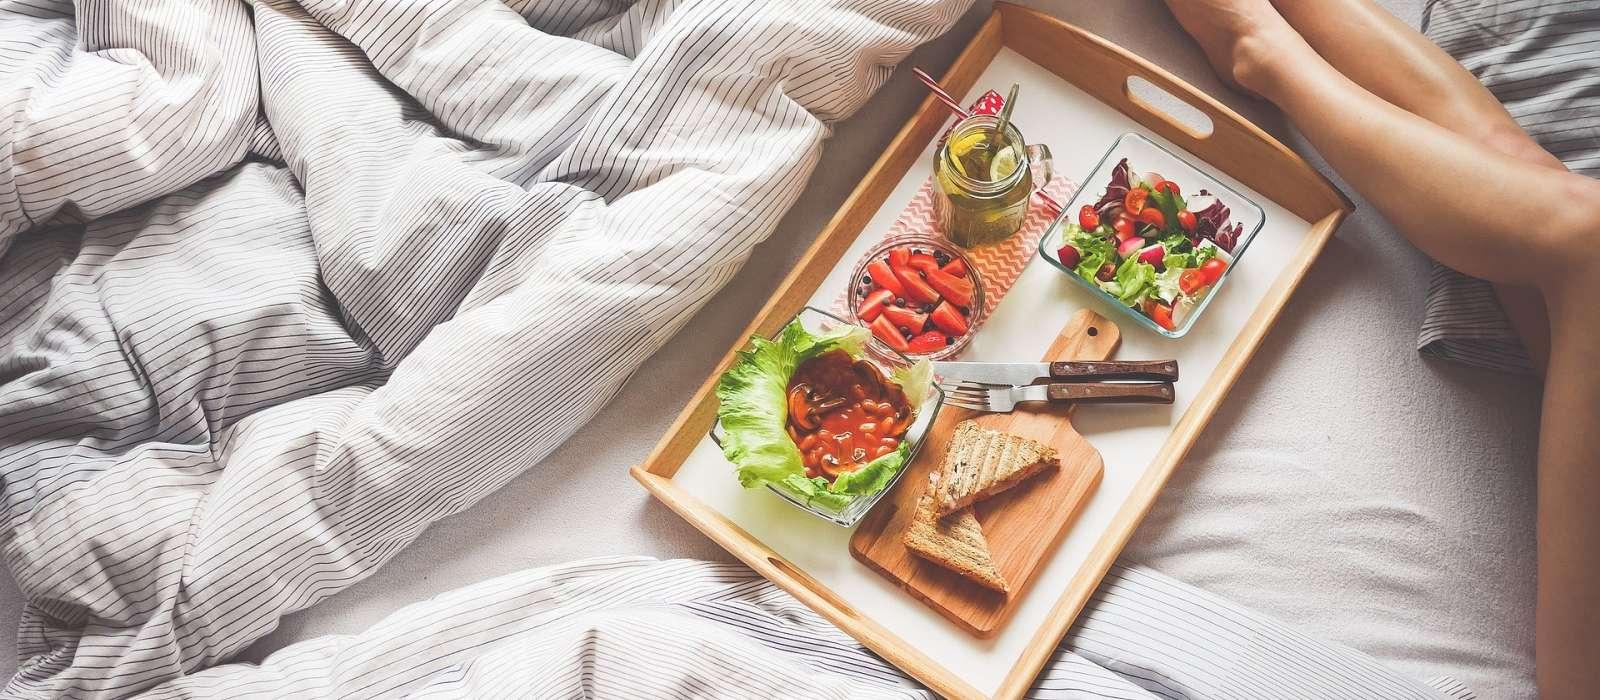 Langschläfer Frühstück am Sonntag